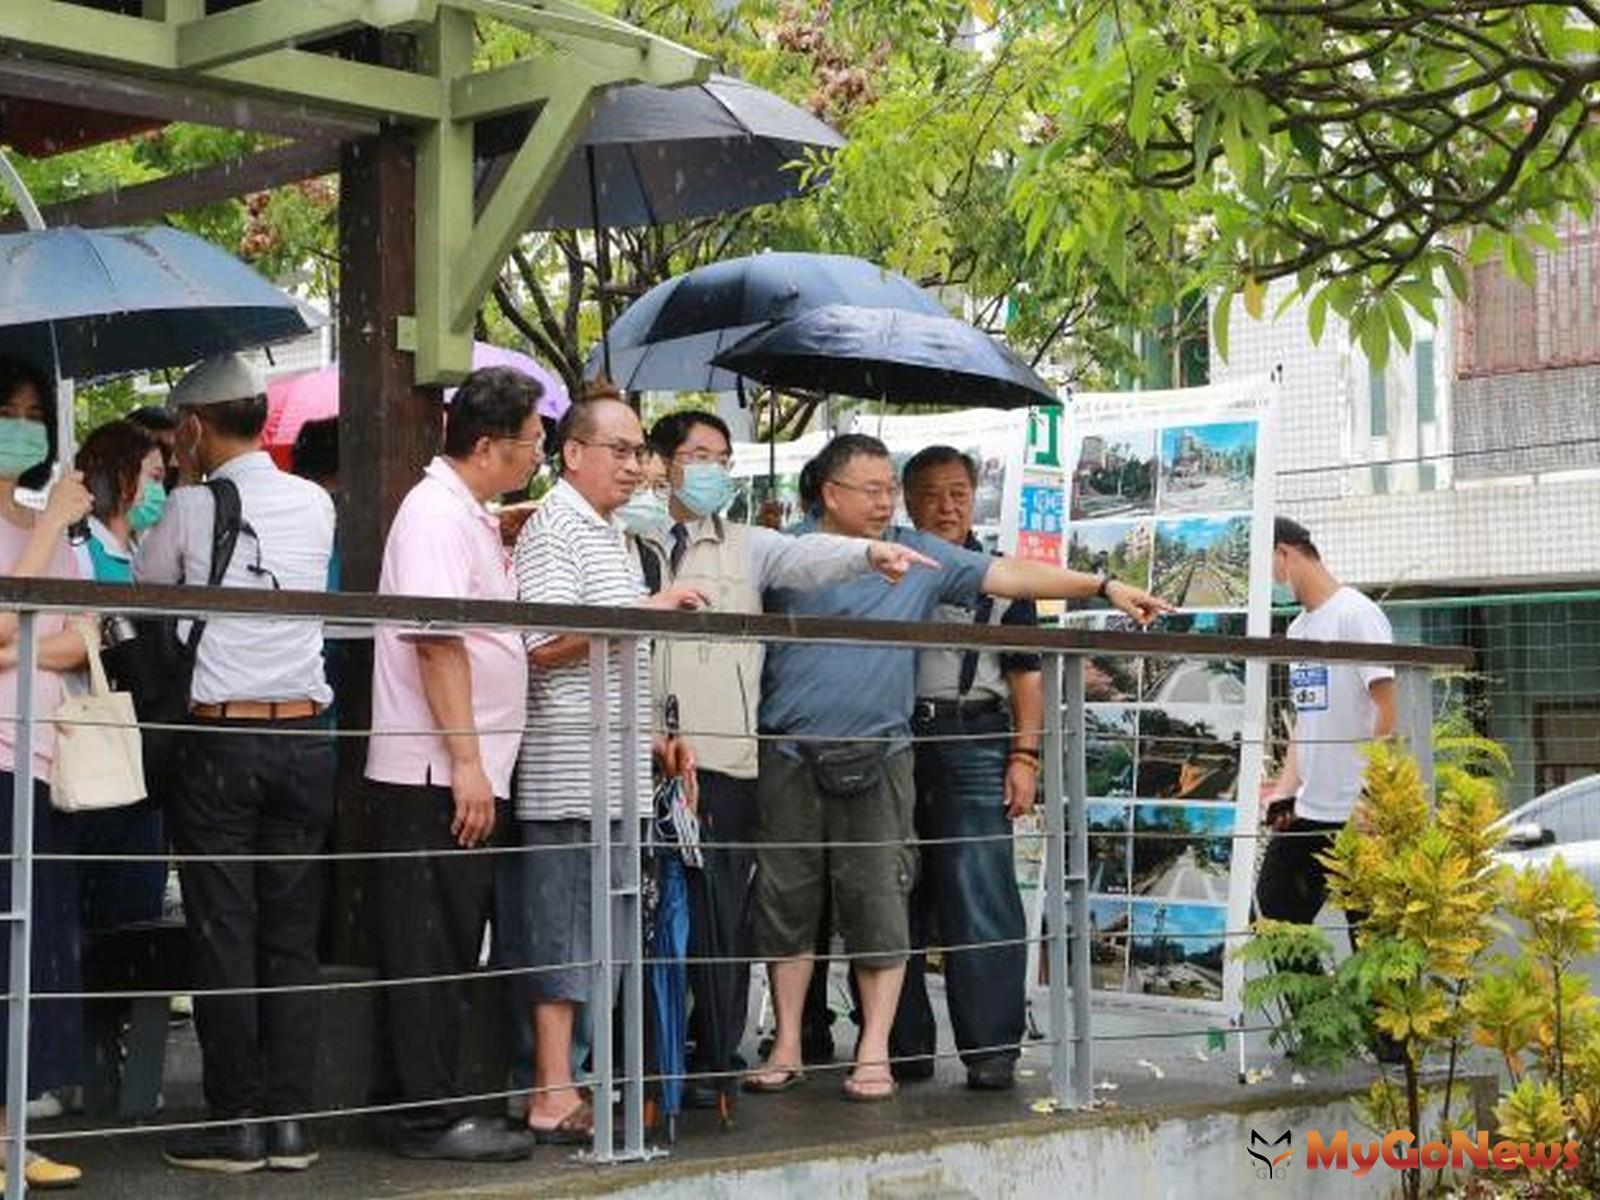 新營美術園區10年有成,黃偉哲視察「綠川廊道」,讚許比起台中綠川毫不遜色(圖:台南市政府)